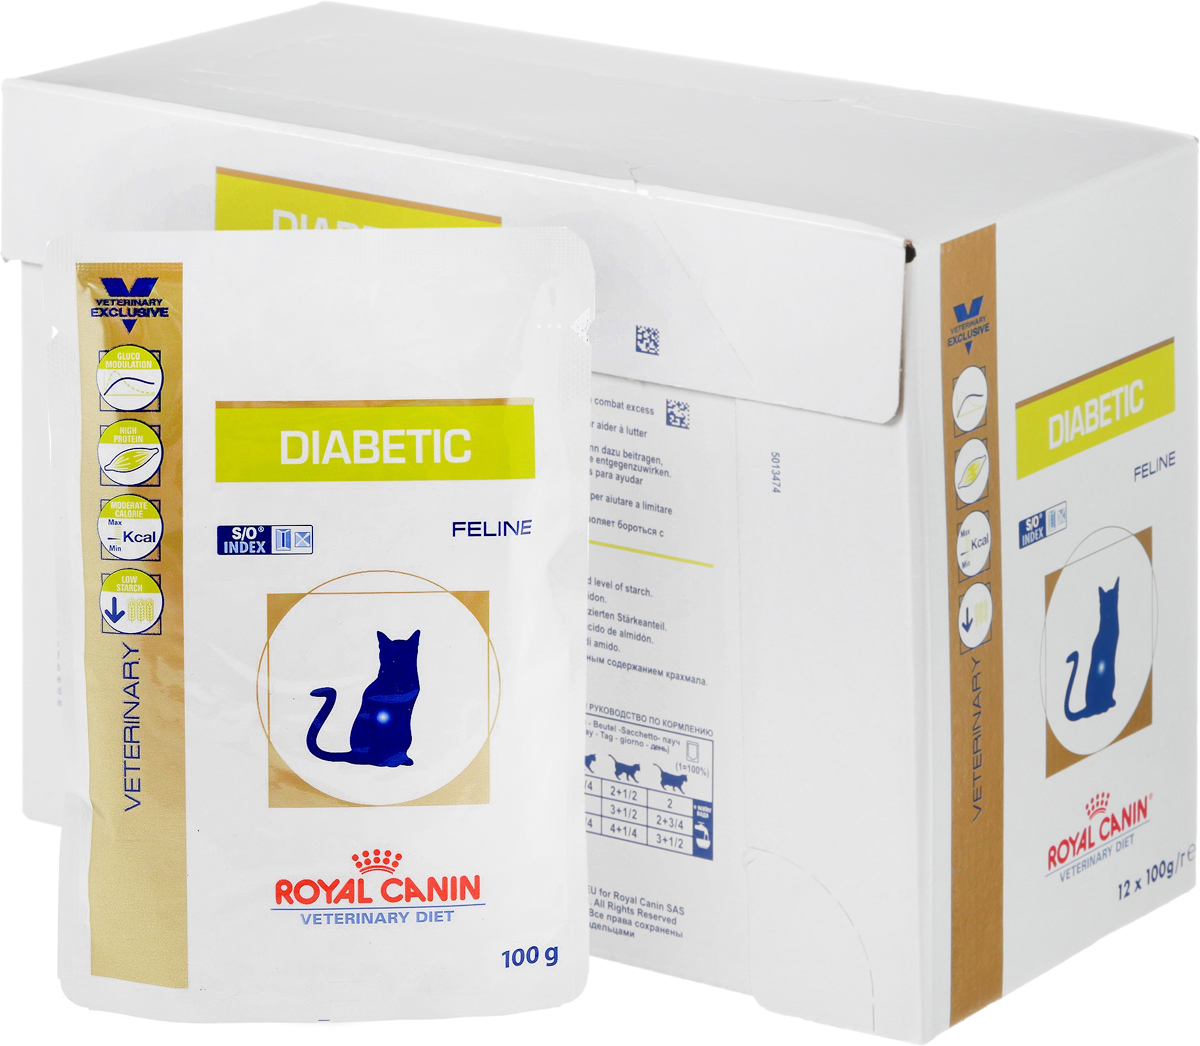 Консервы диетические Royal Canin Diabetic DS46 для кошек, при сахарном диабете, 100 г, 12 шт роял канин диабетик дс 46 консервы пауч для кошек при сахарном диабете royal canin diabetic feline ds 46 100 г